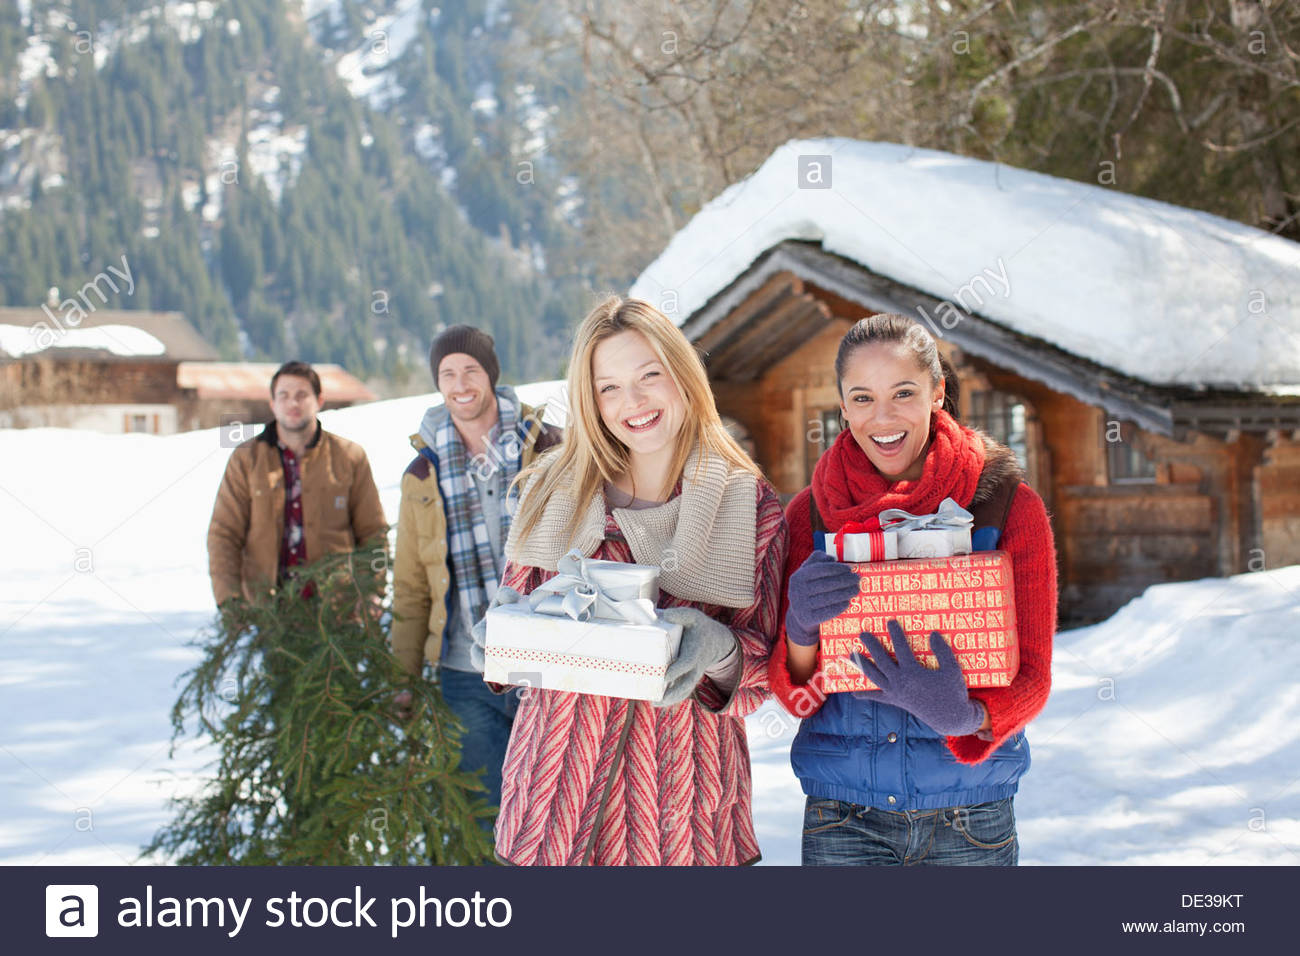 hut log cabin stockfotos hut log cabin bilder alamy. Black Bedroom Furniture Sets. Home Design Ideas